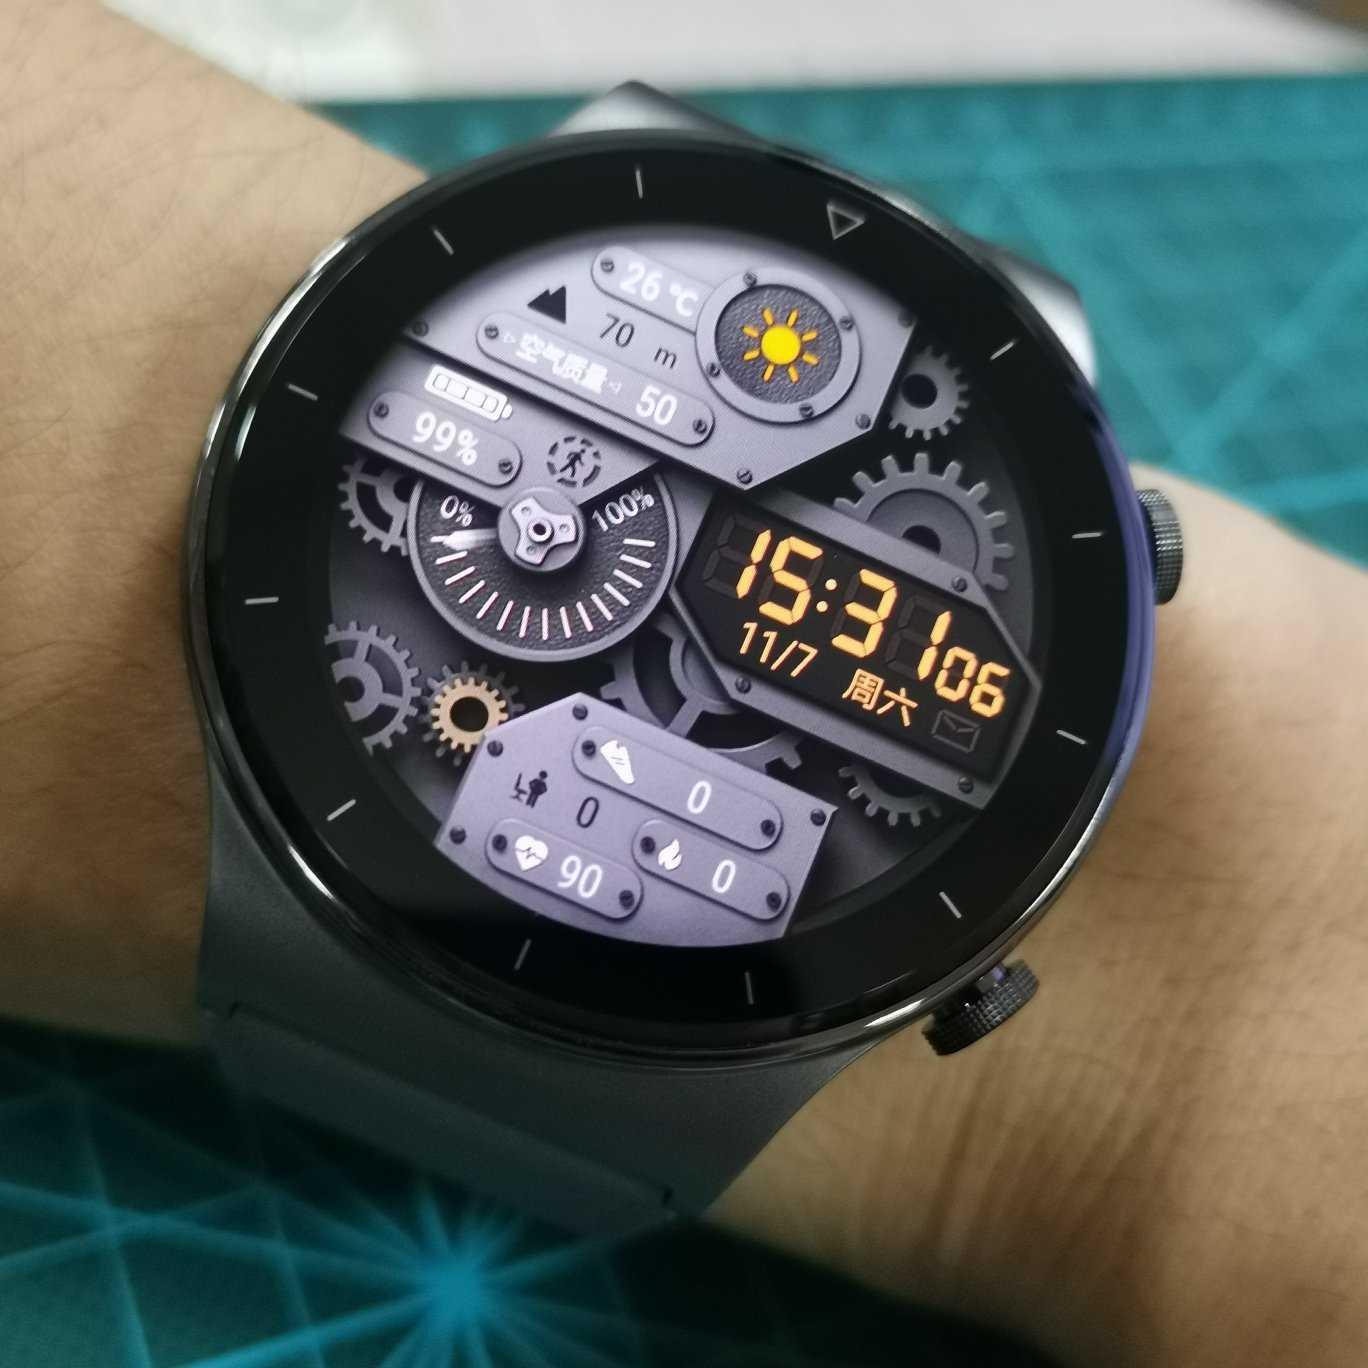 華爲gt2pro保時捷手表參數_華爲gt2pro保時捷手表詳細參數介紹